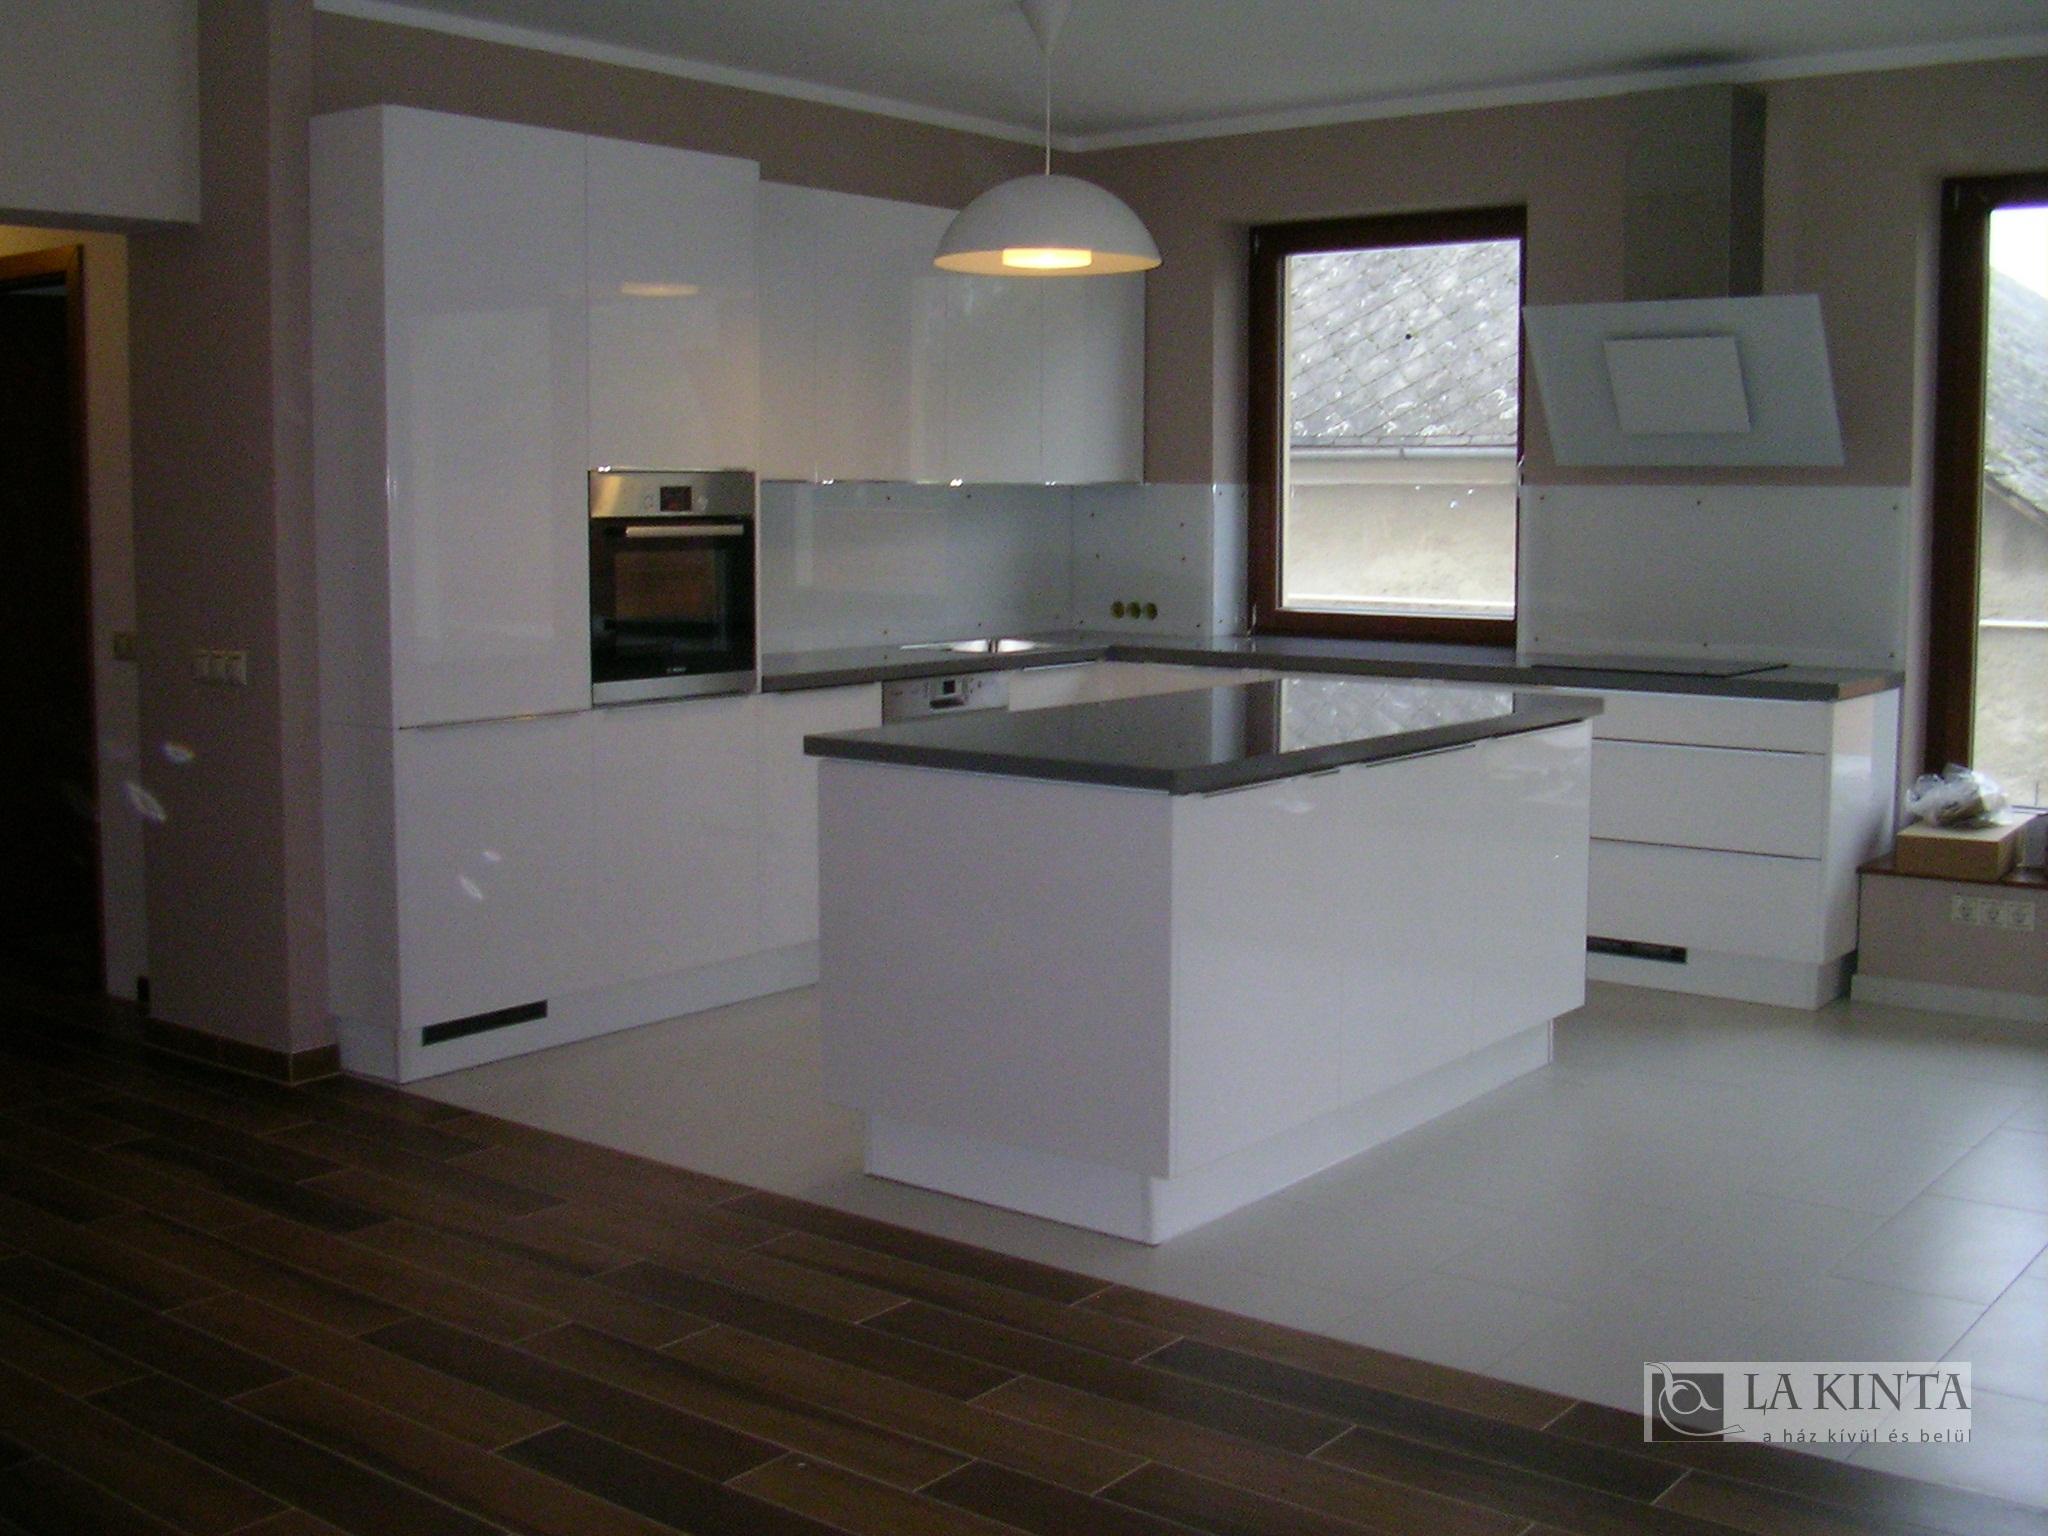 Elkészült egy ház - Lakinta csempe és fürdőszoba